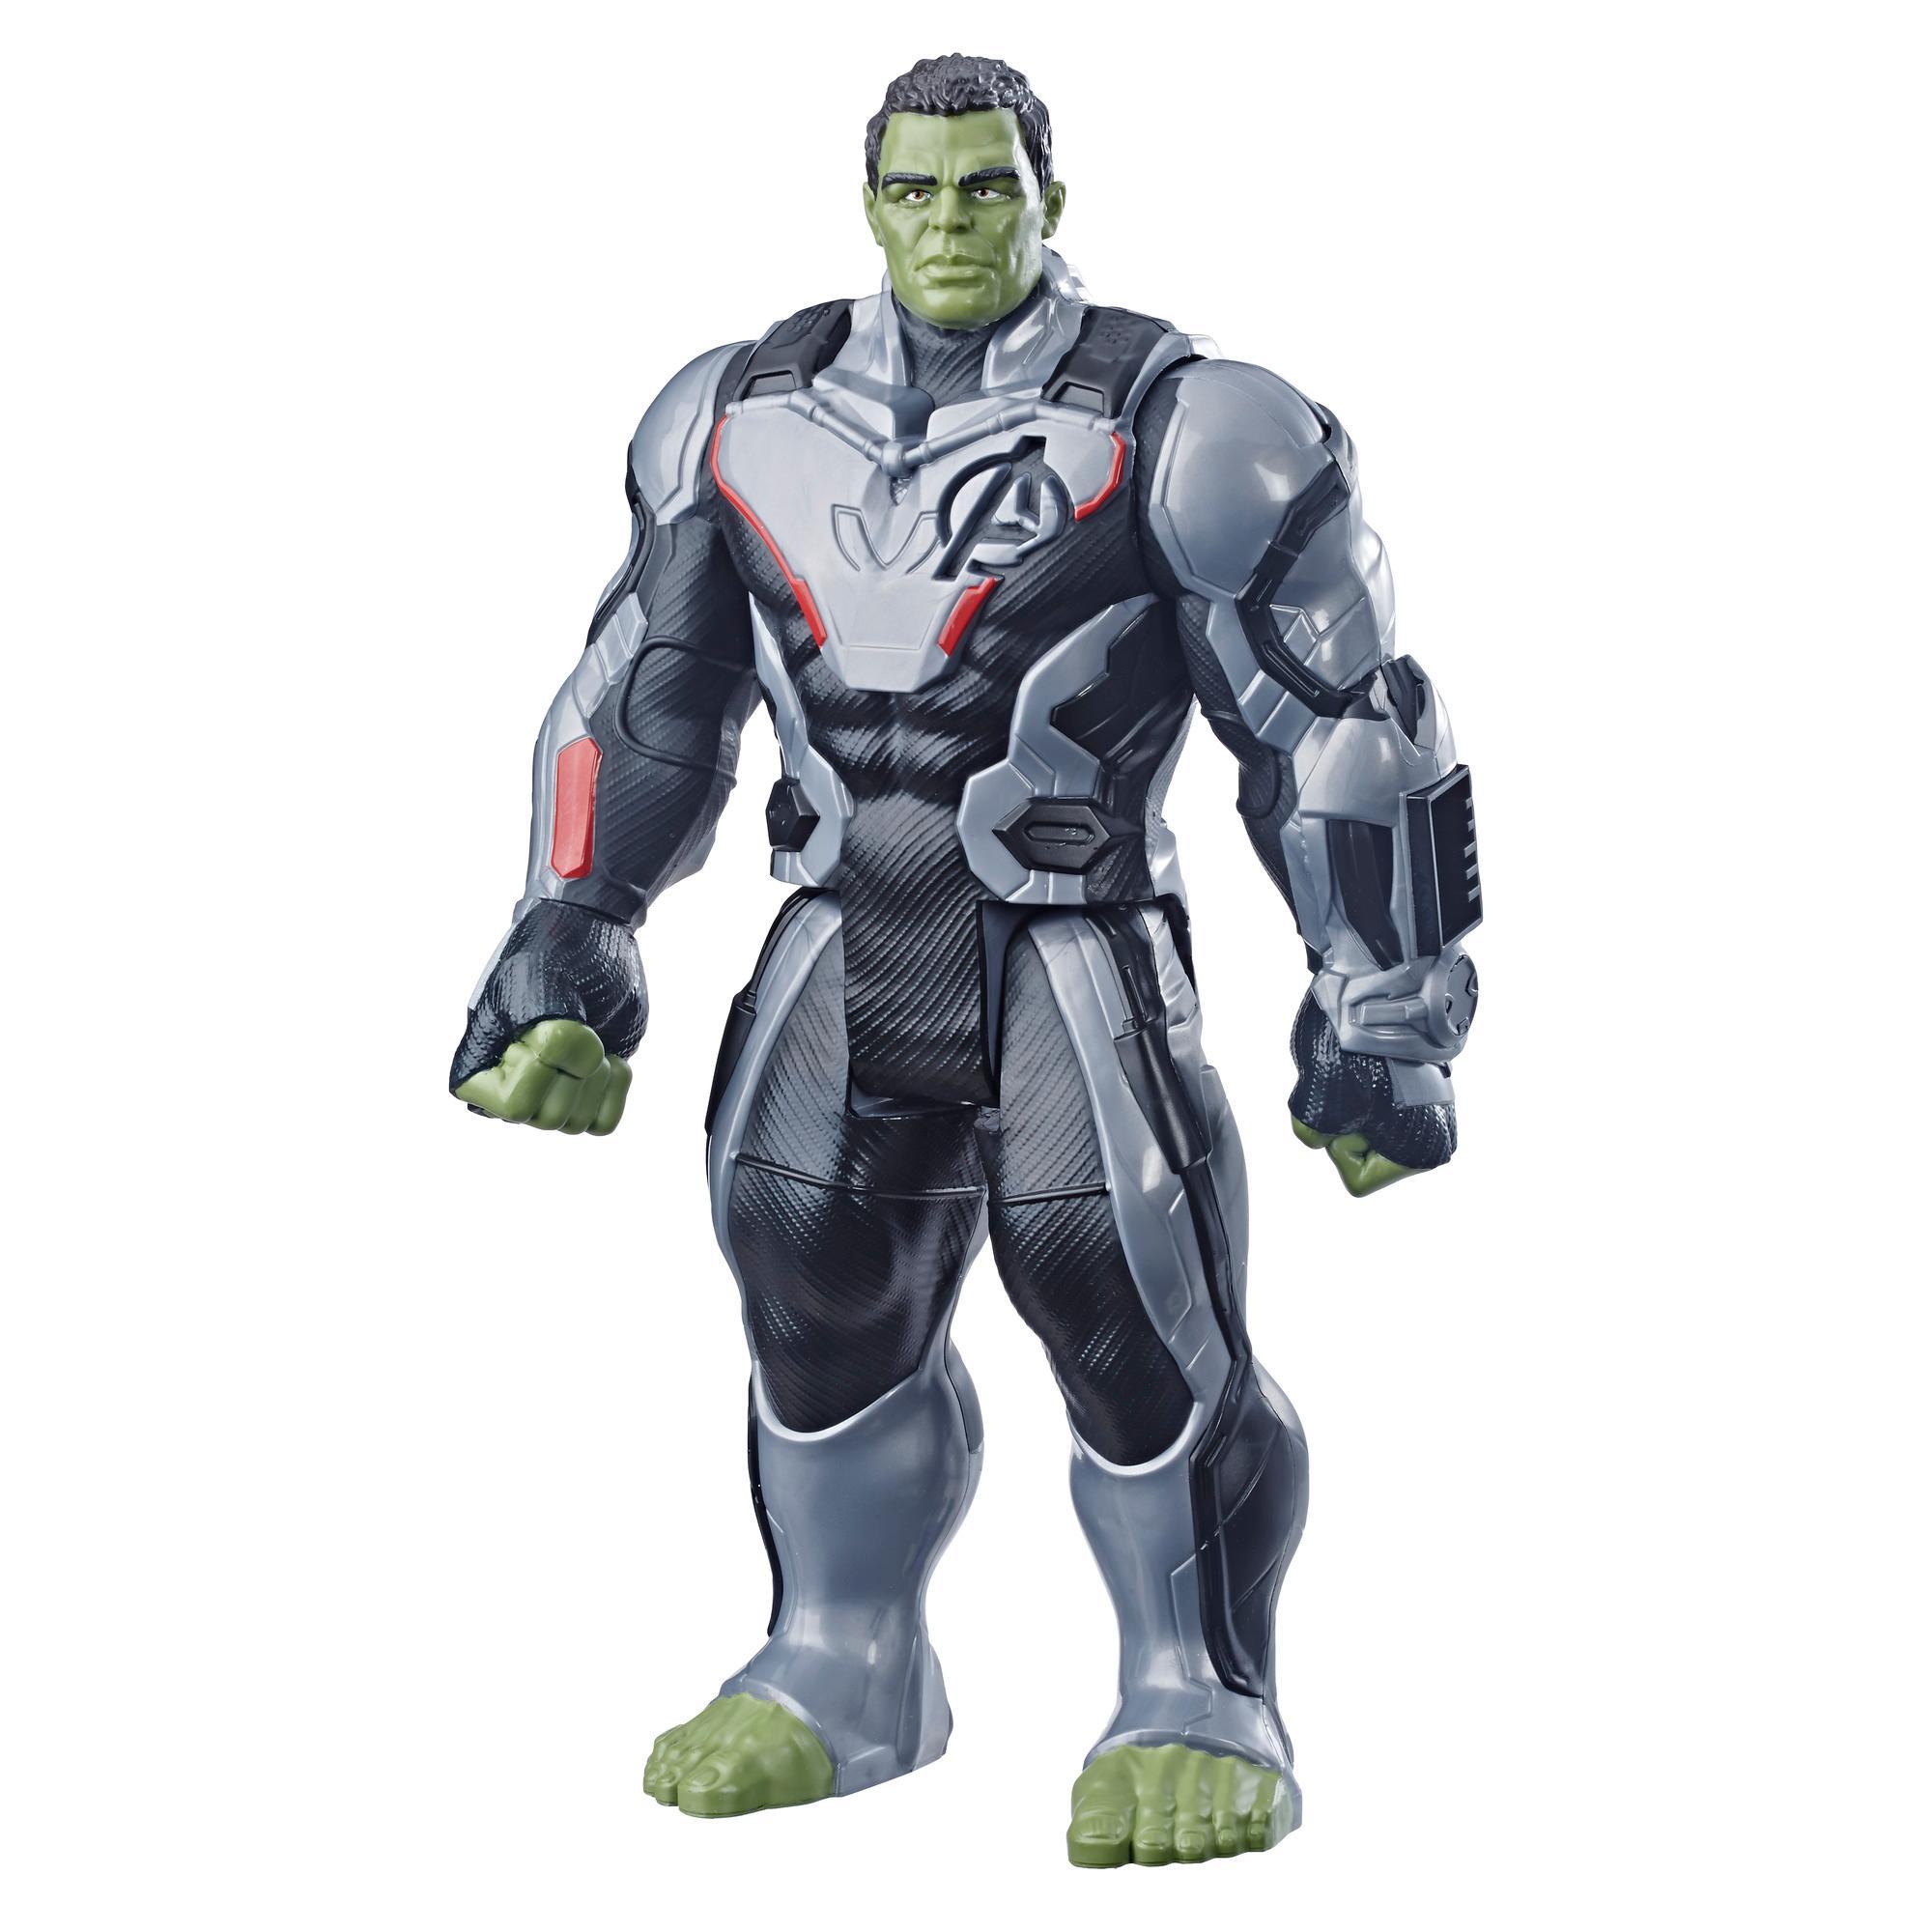 Figurina Hulk Avengers:Endgame 30 cm